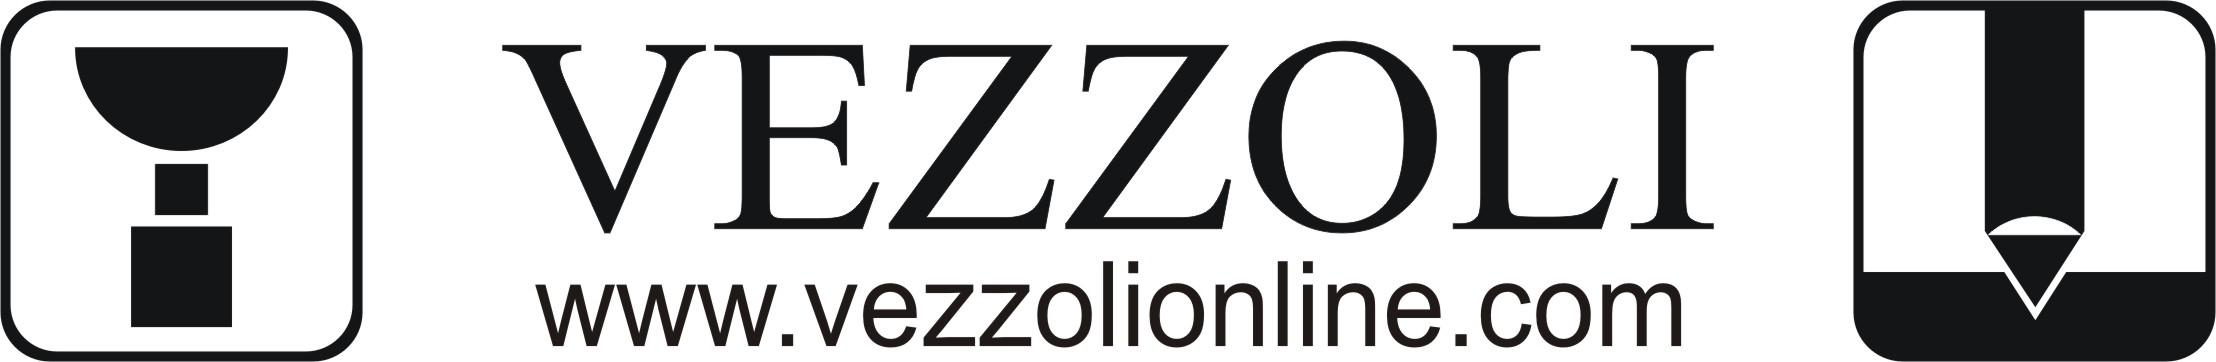 www.vezzolionline.com